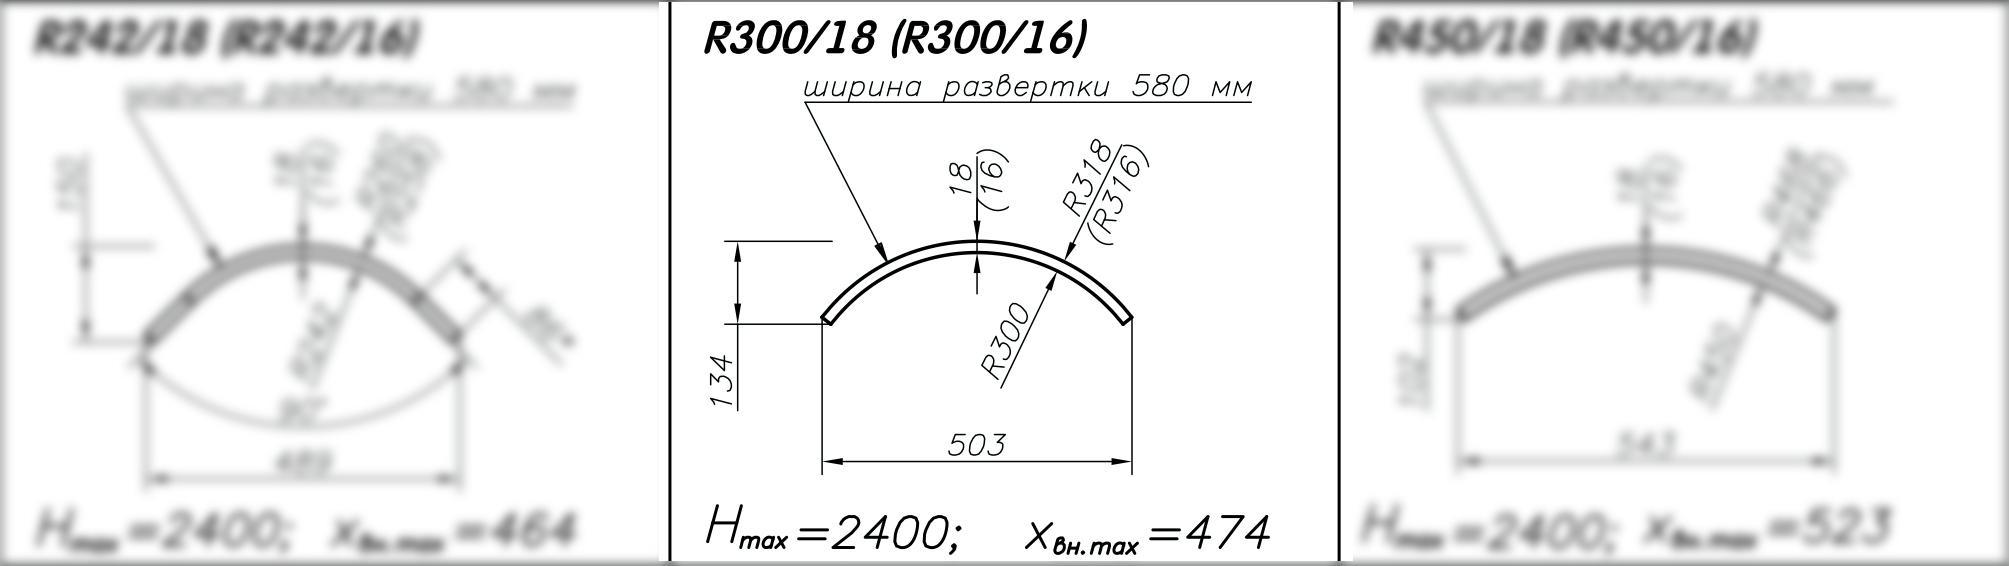 Складская программа на гнутые панели R300